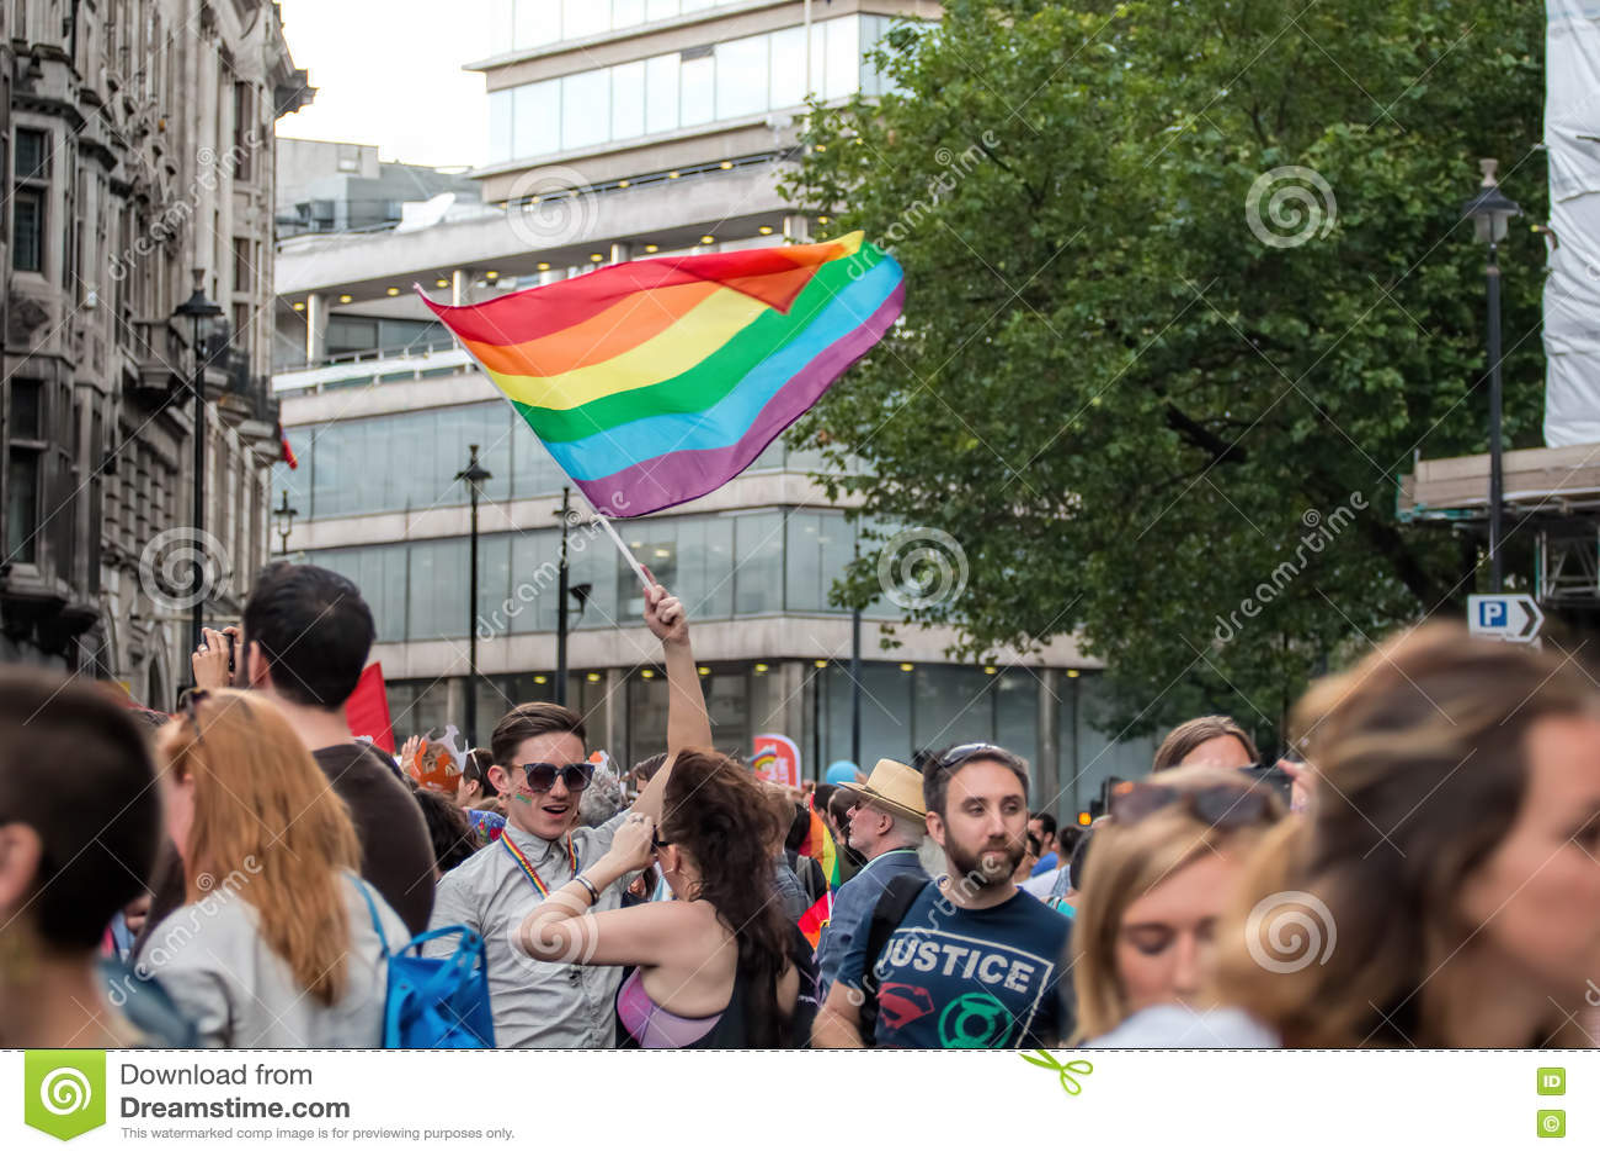 gay pride movement